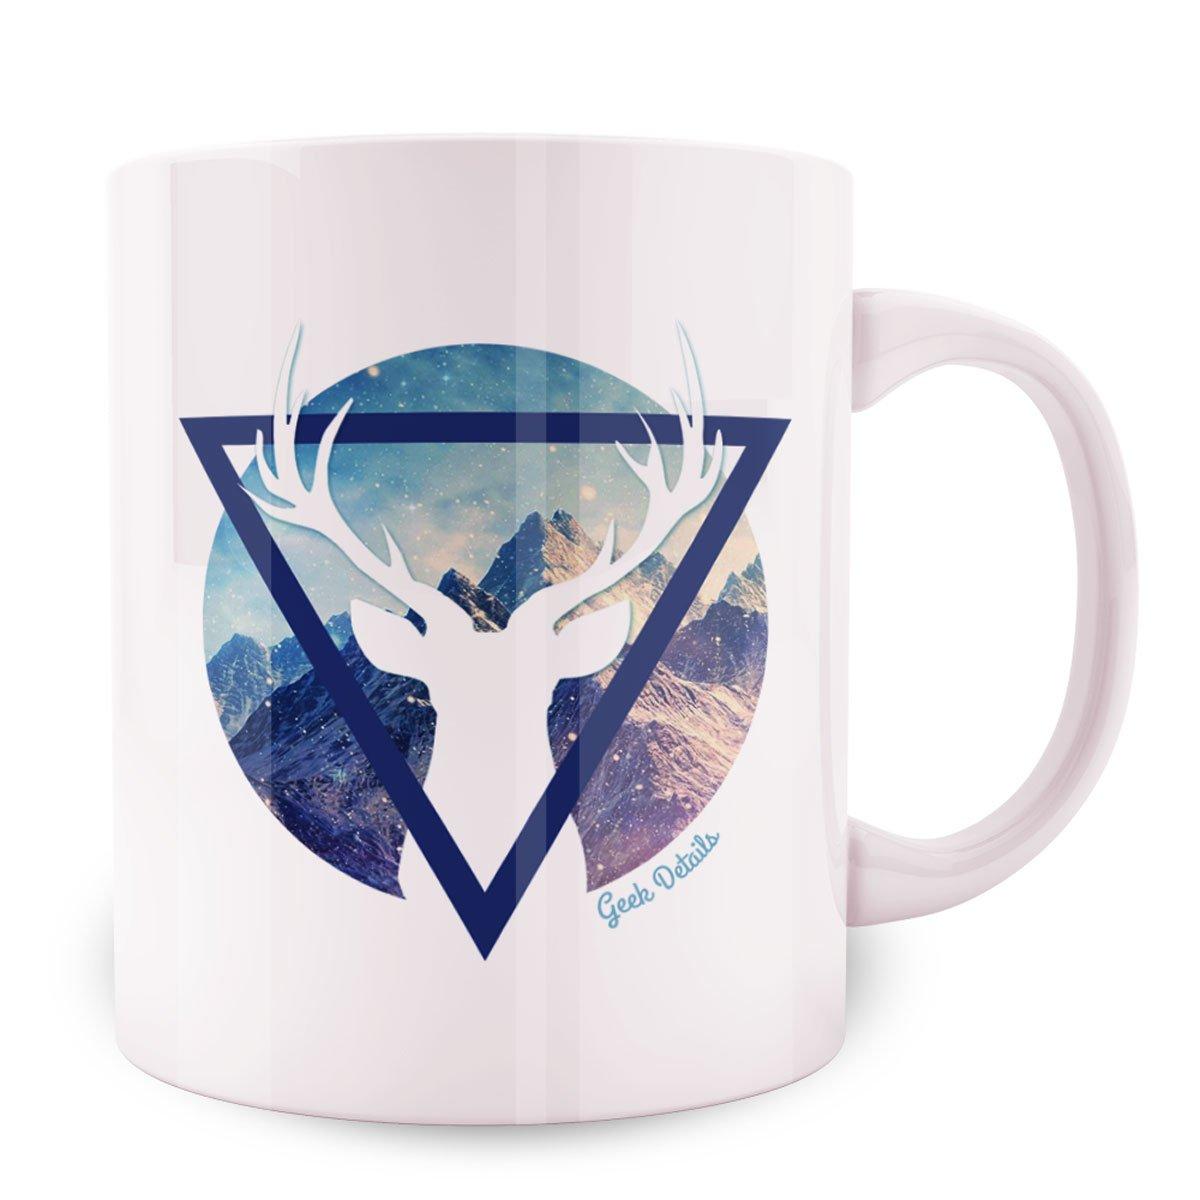 Geek Details Spirit Animal Themed Coffee Mug, 11 oz, White (Deer)